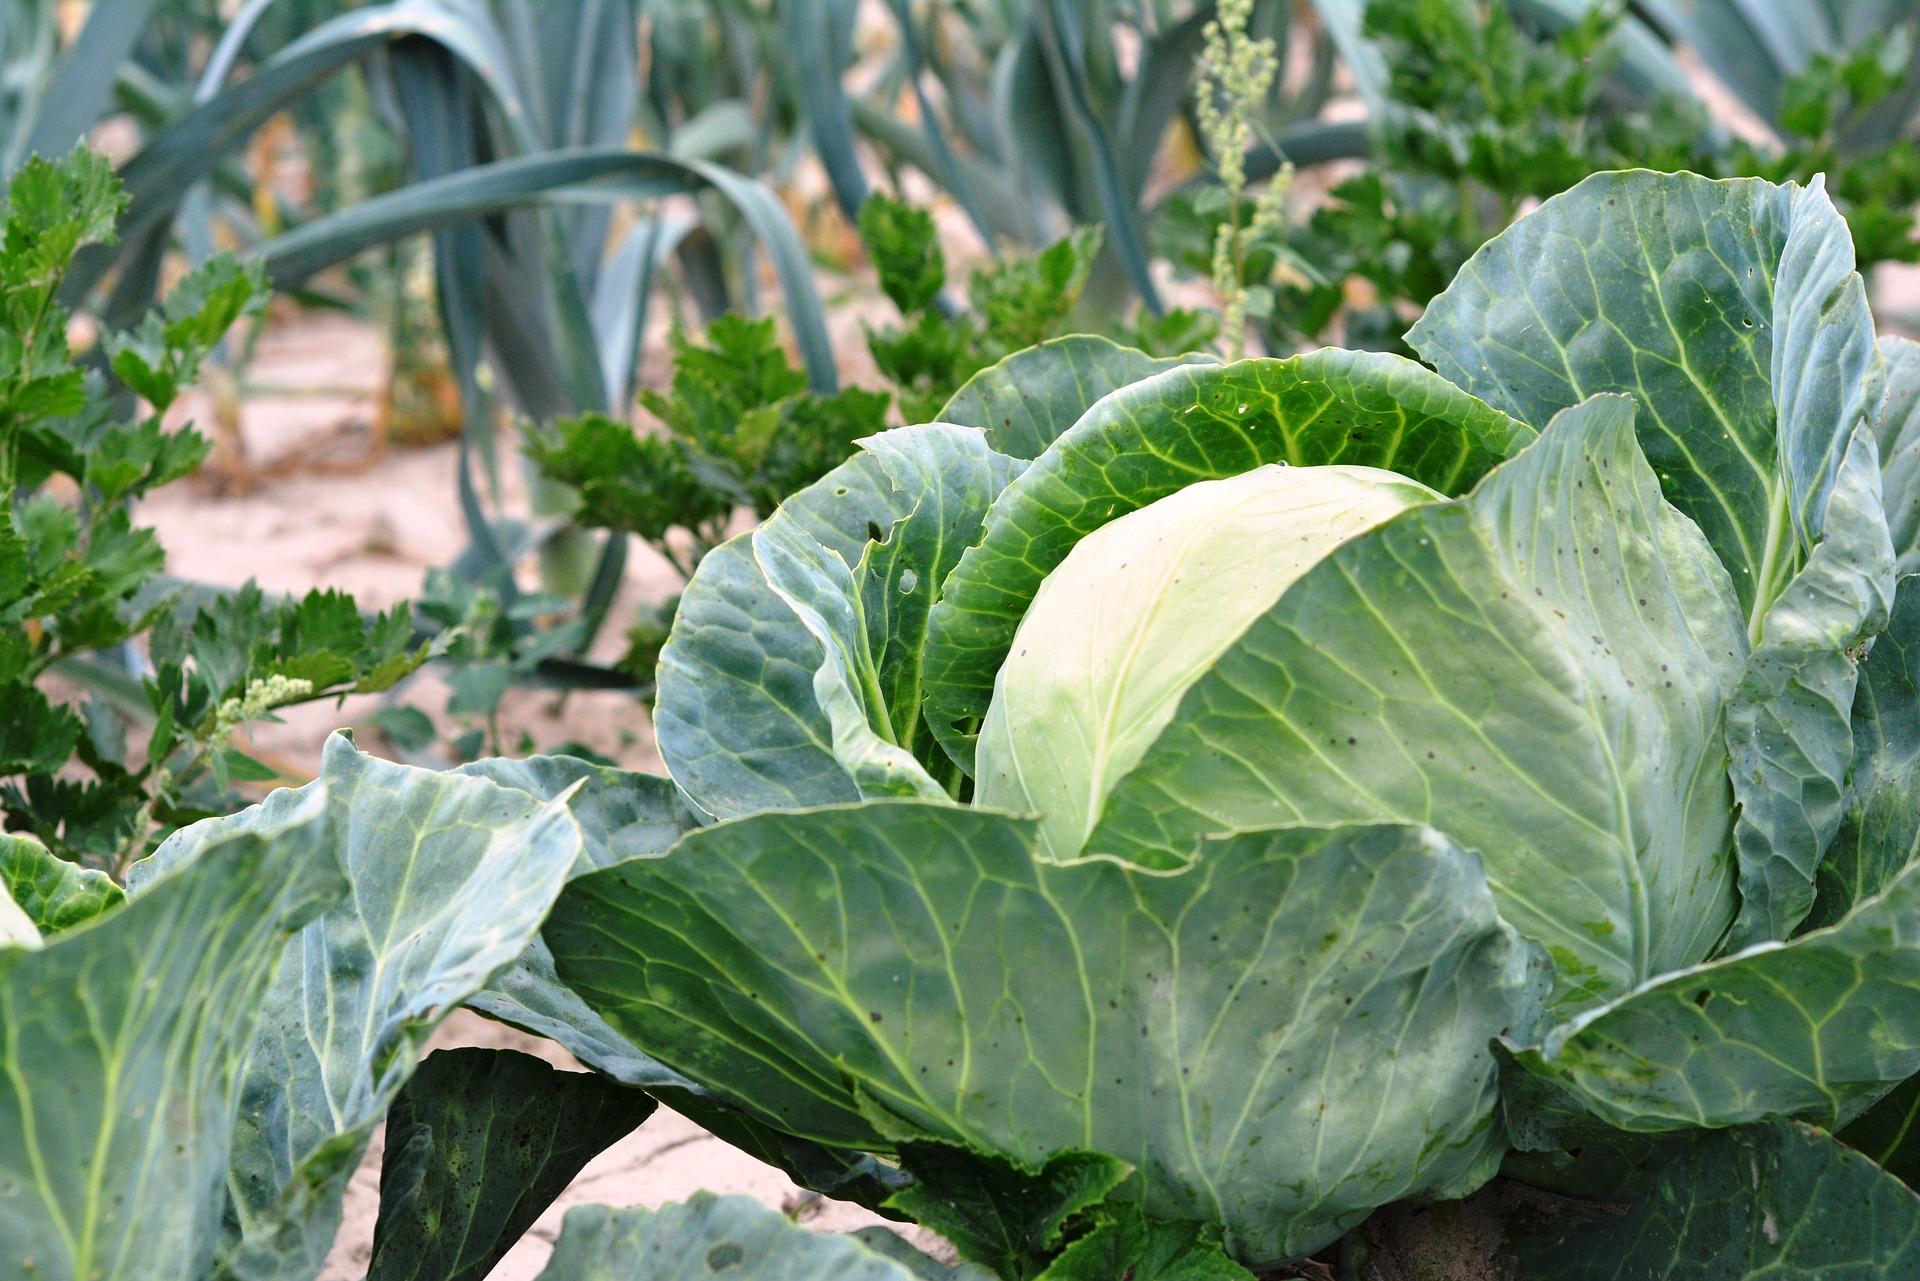 Agroécologie, jardins écologiques